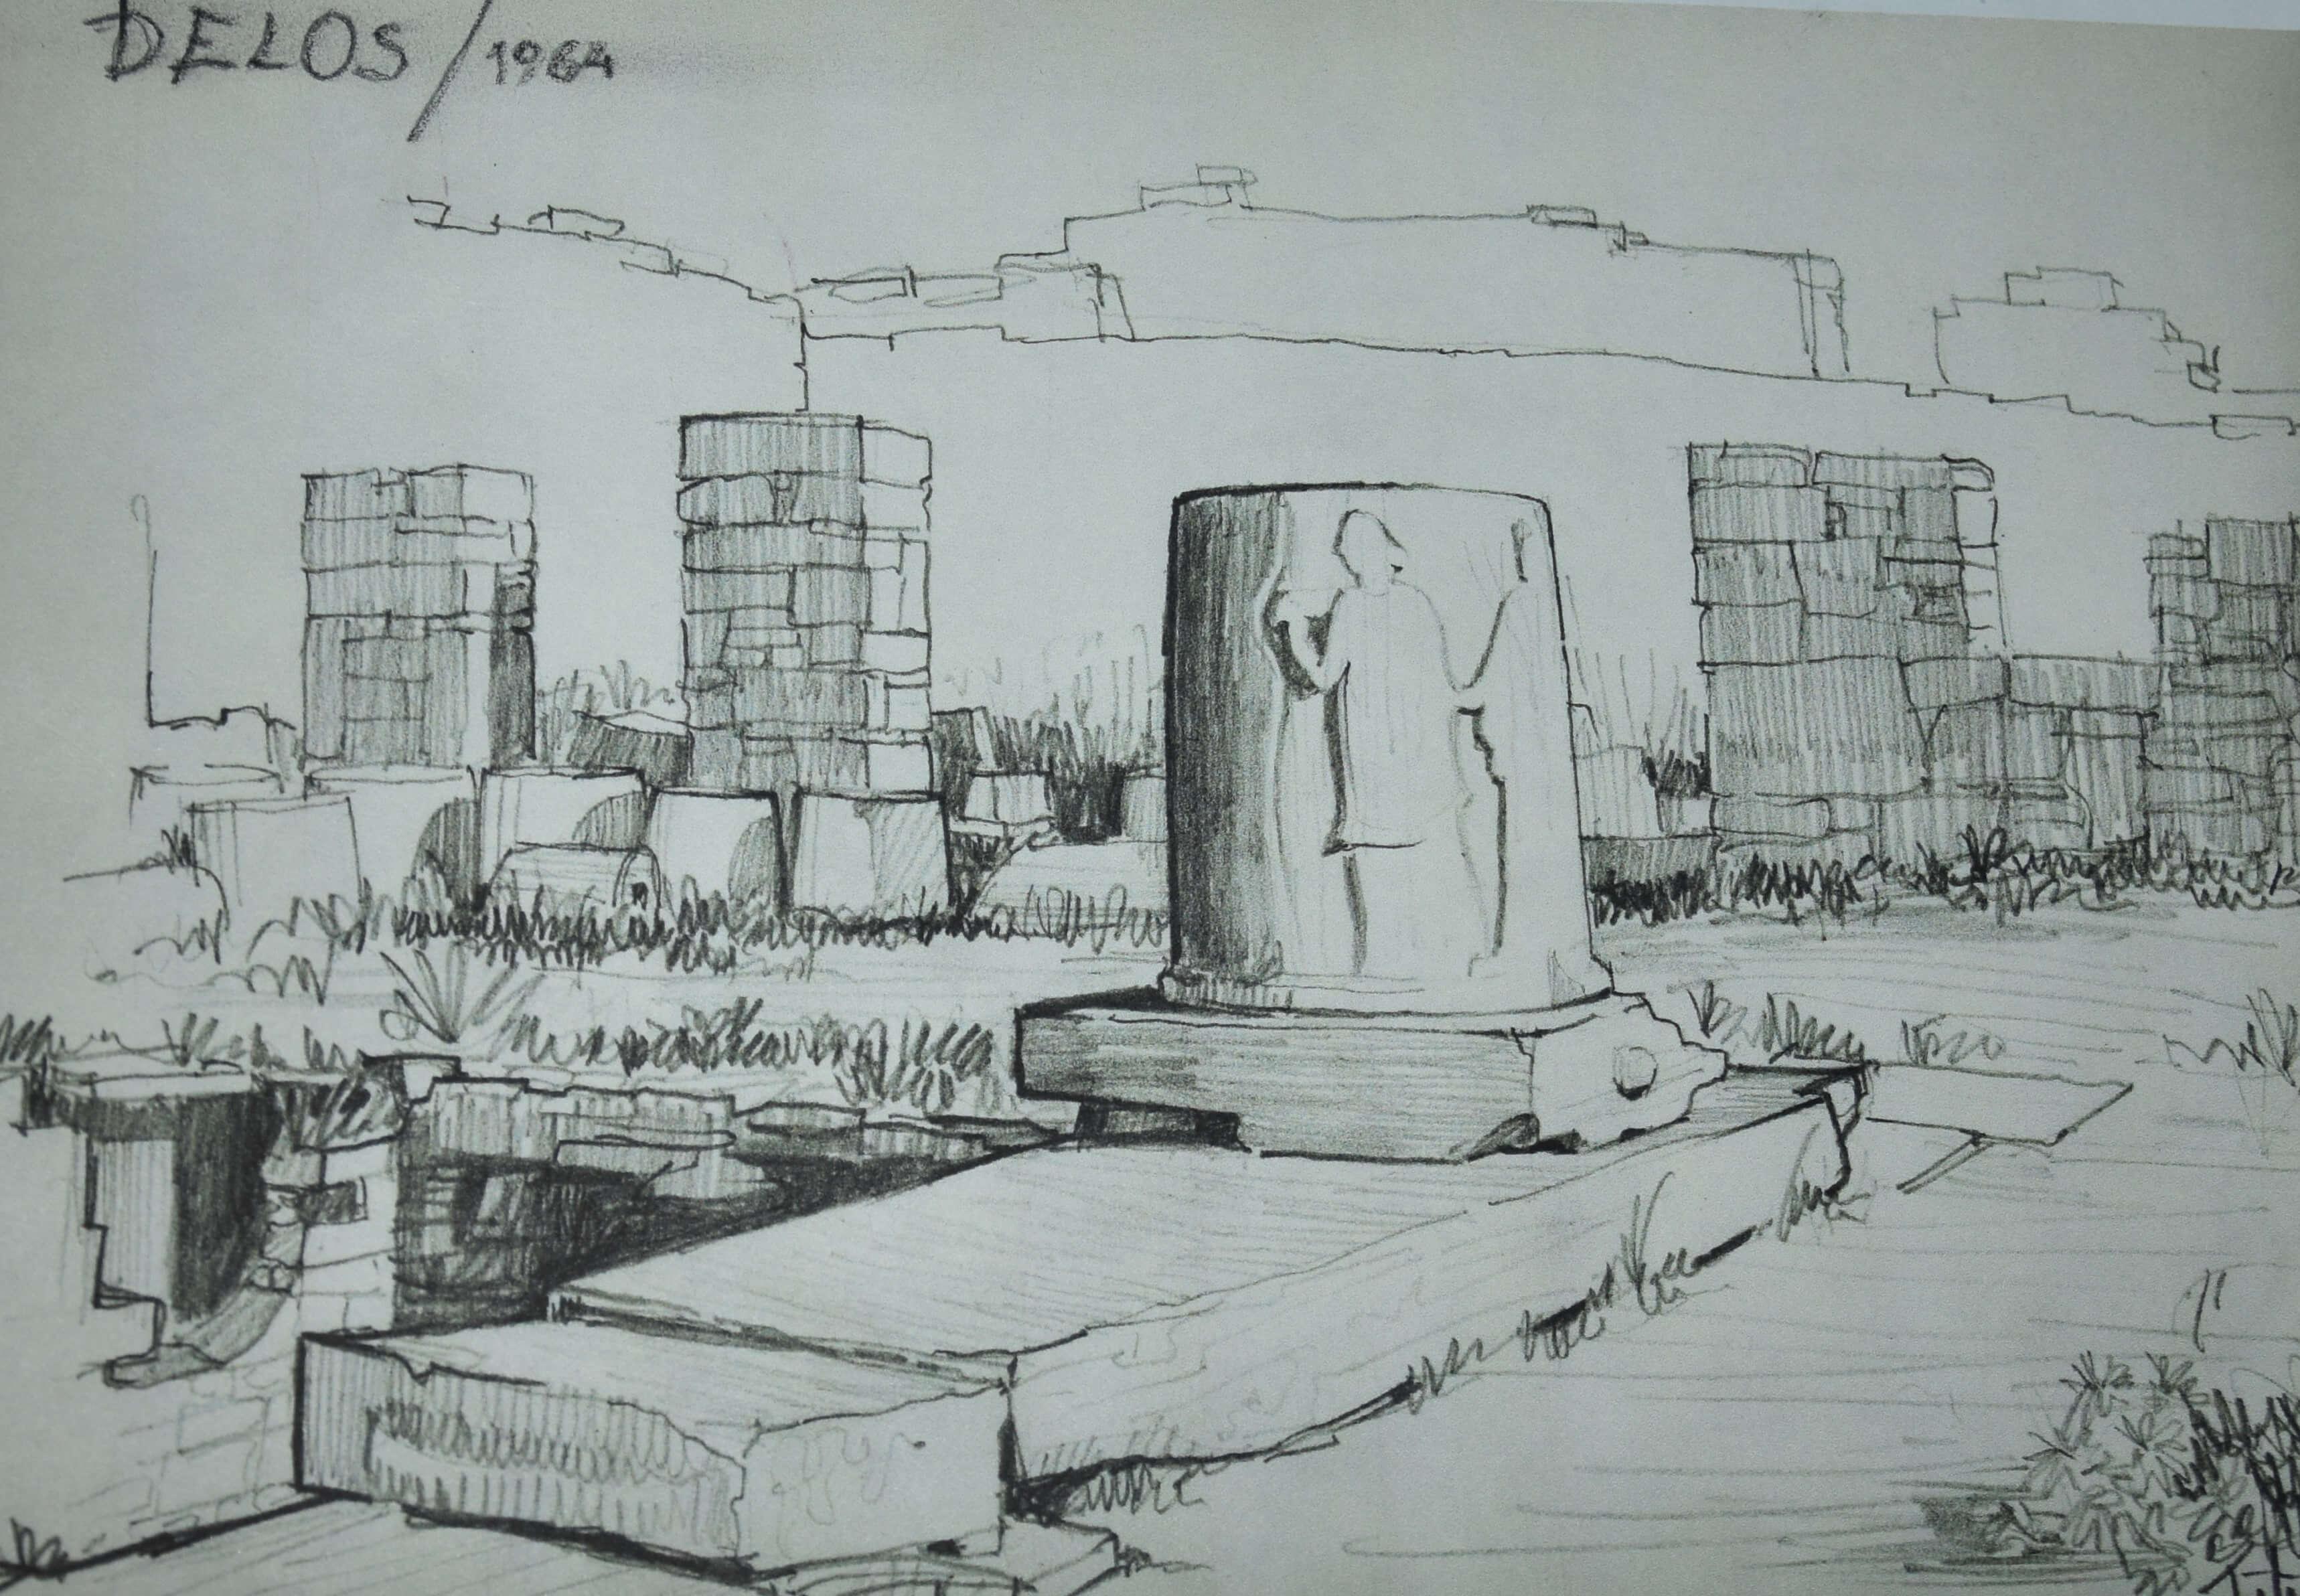 Peter Fister, risba iz Delosa 3, 1964